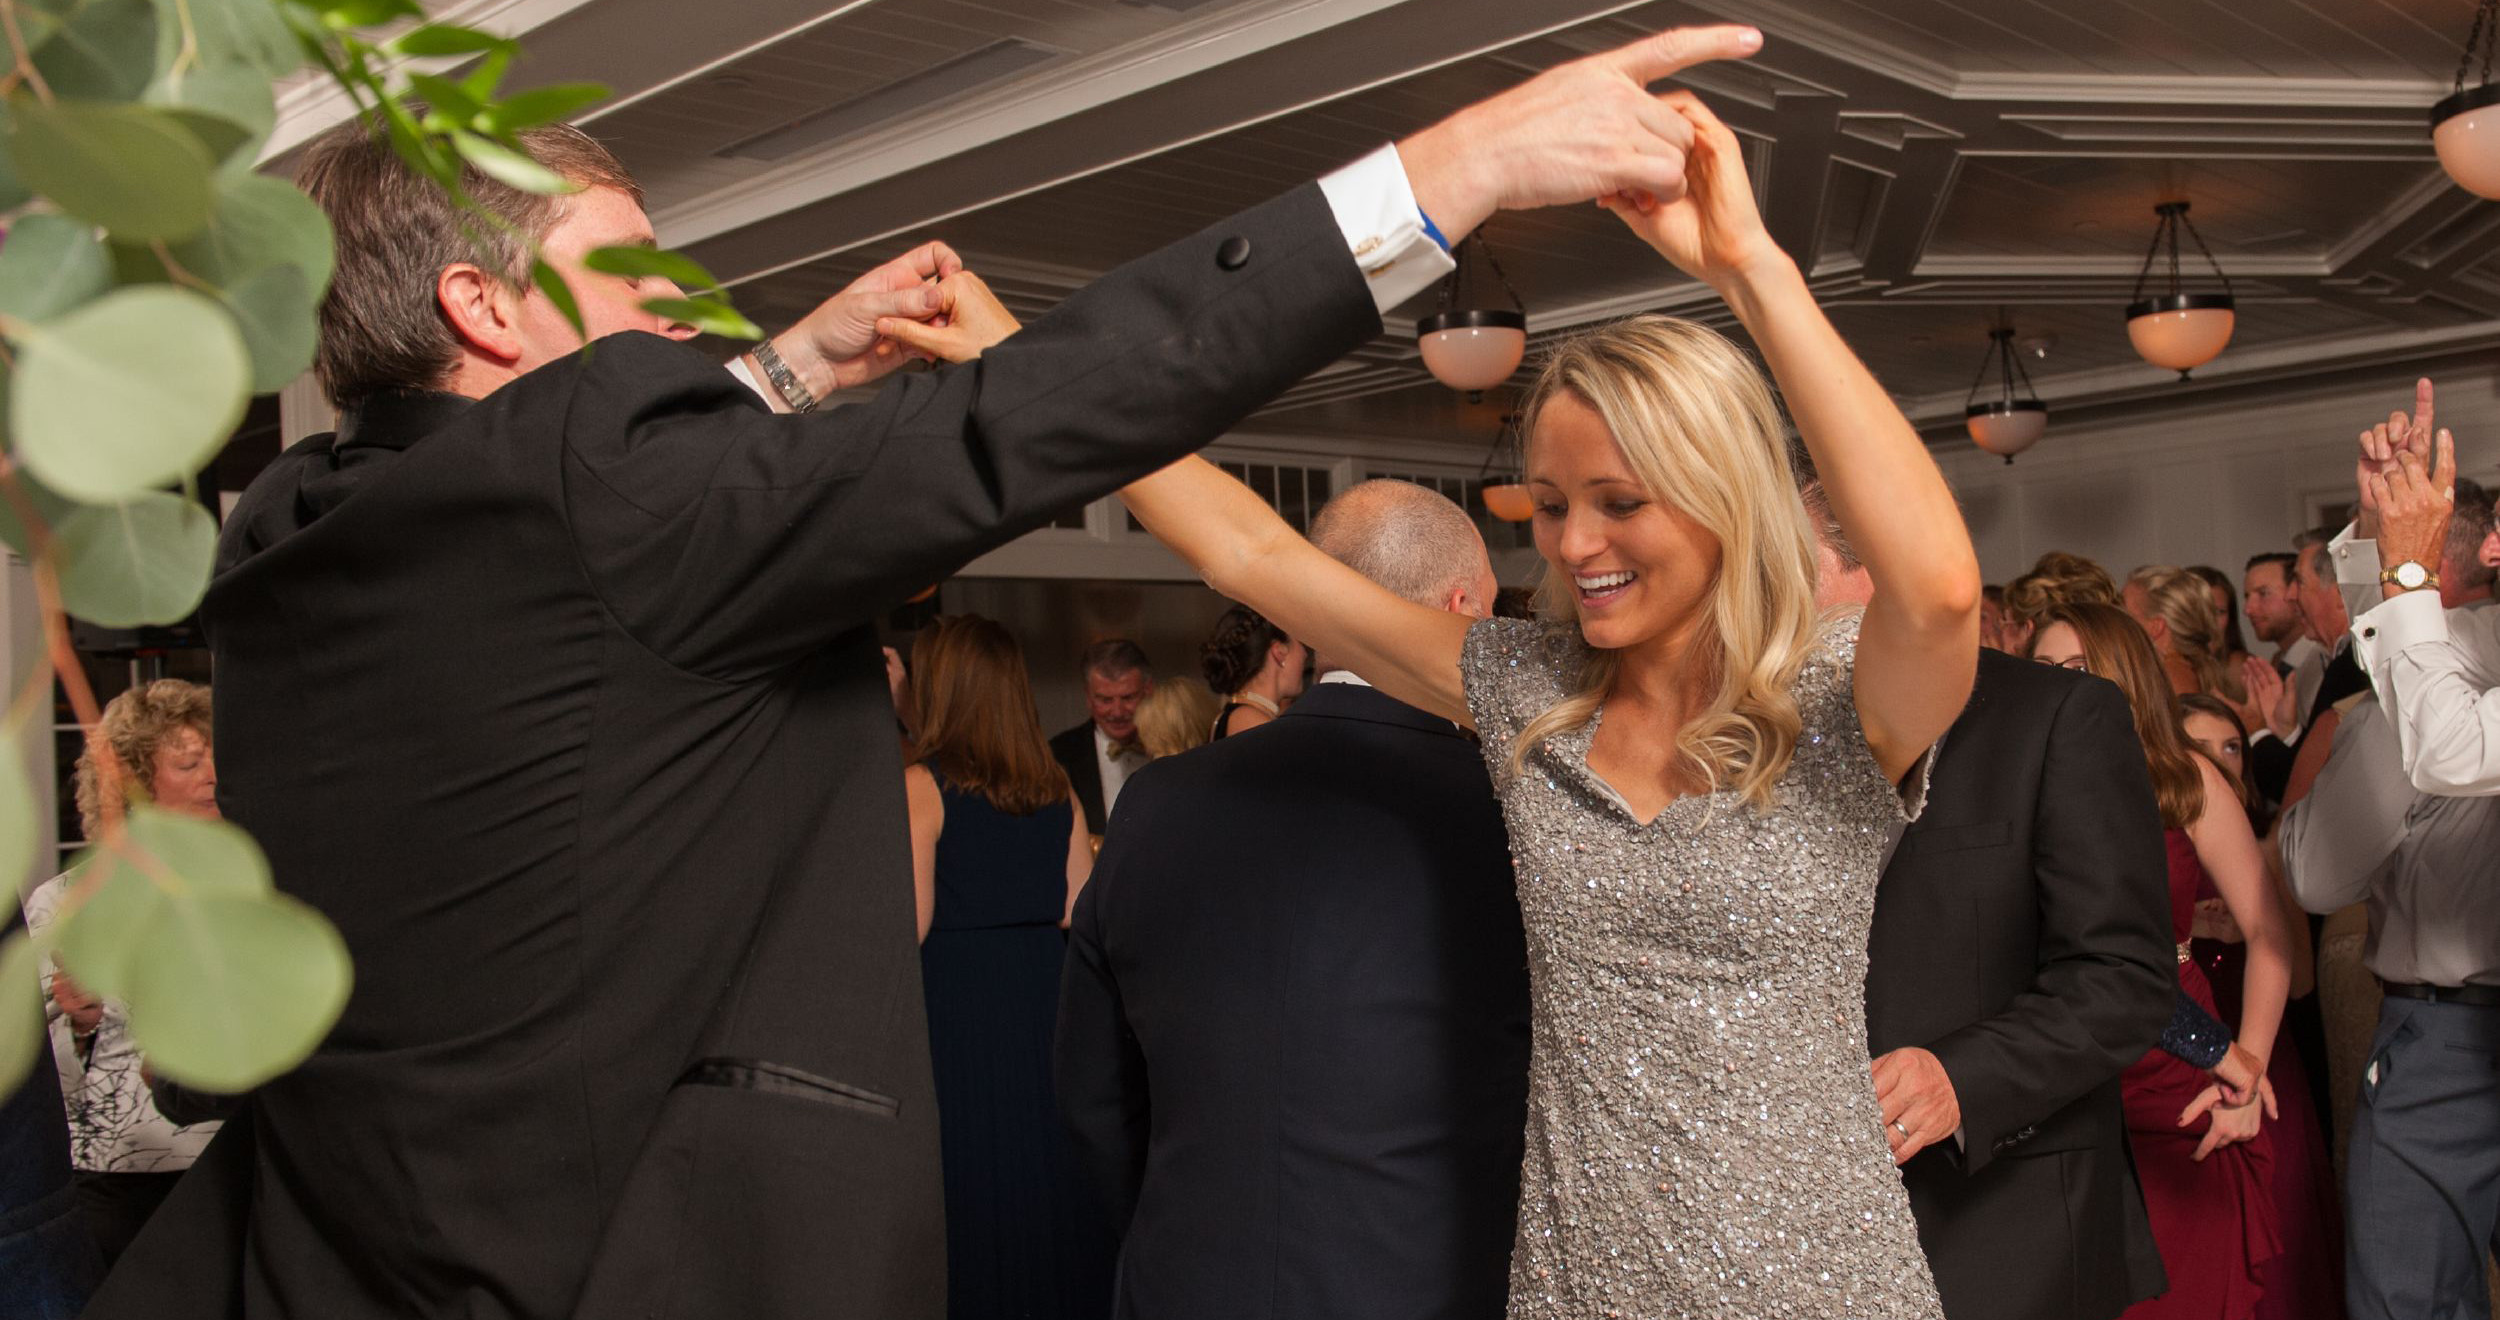 man and woman dancing at wedding